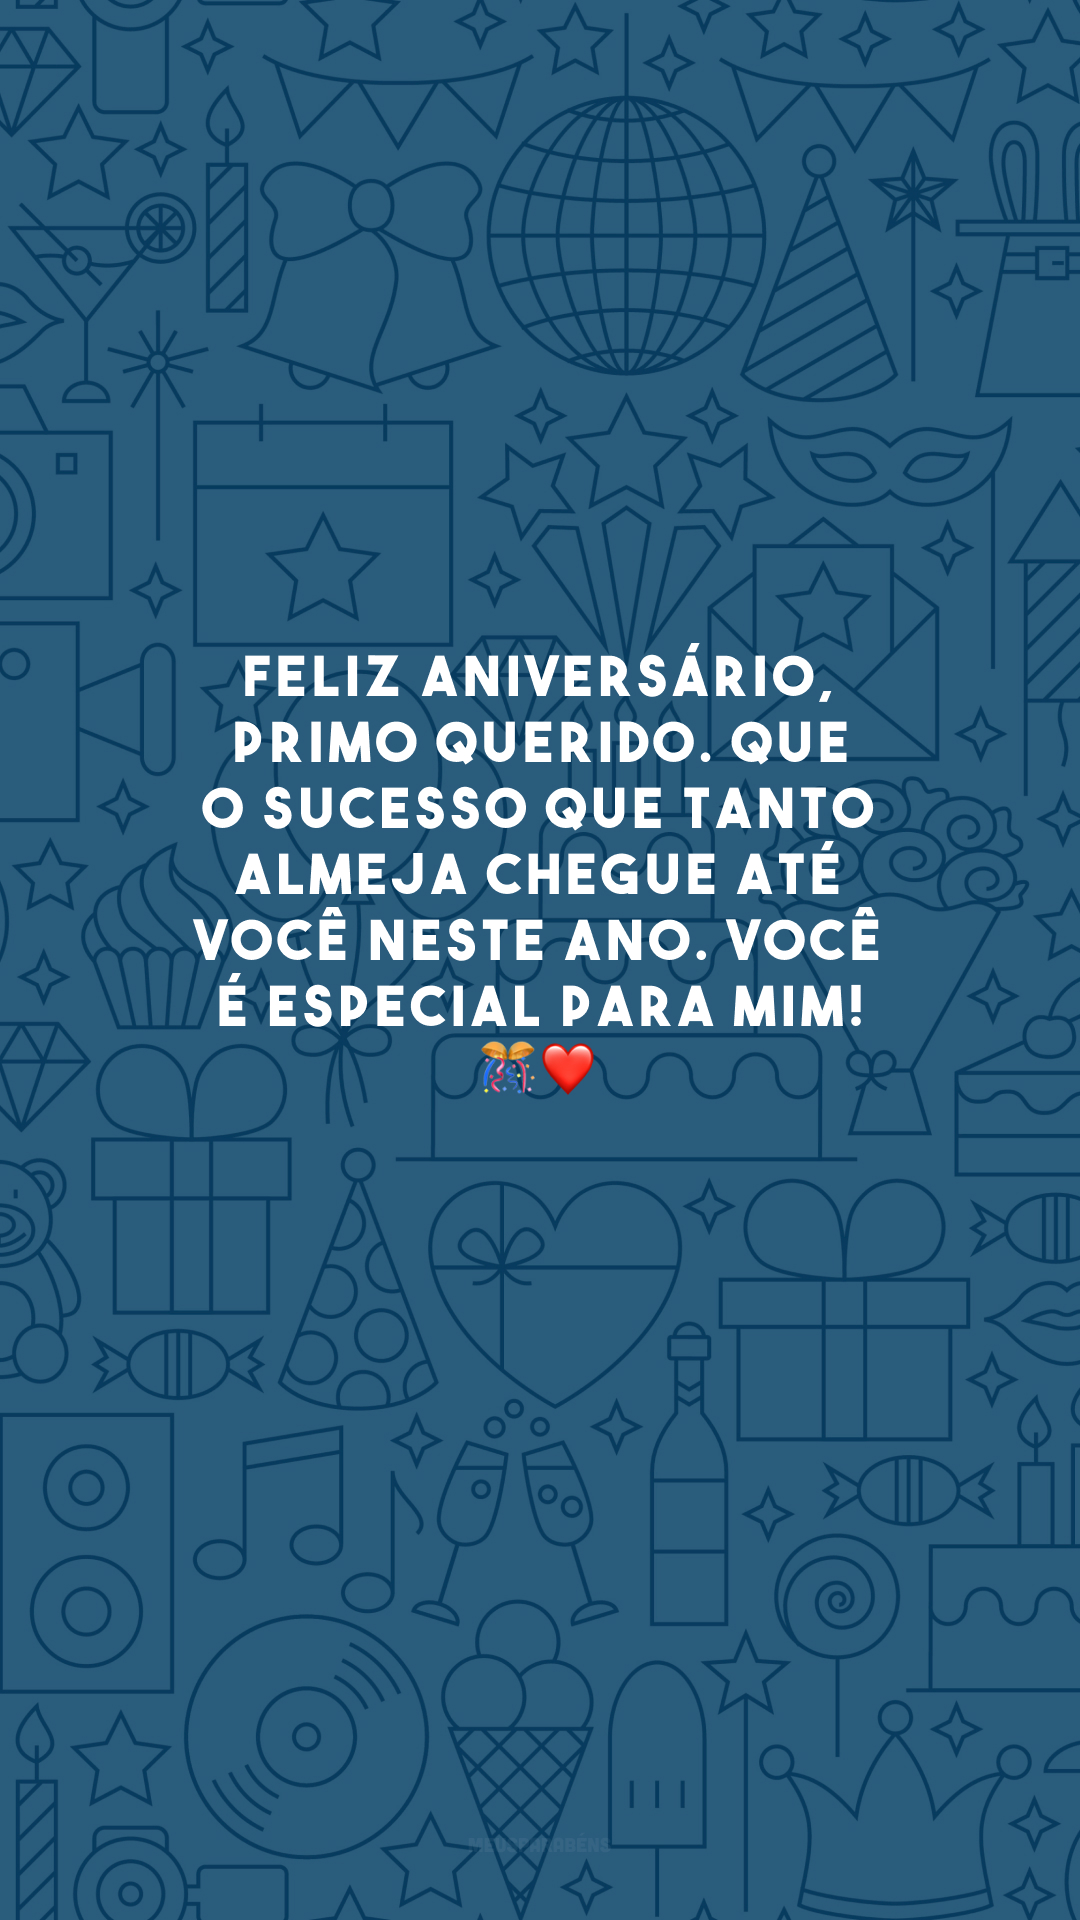 Feliz aniversário, primo querido. Que o sucesso que tanto almeja chegue até você neste ano. Você é especial para mim! 🎊❤️